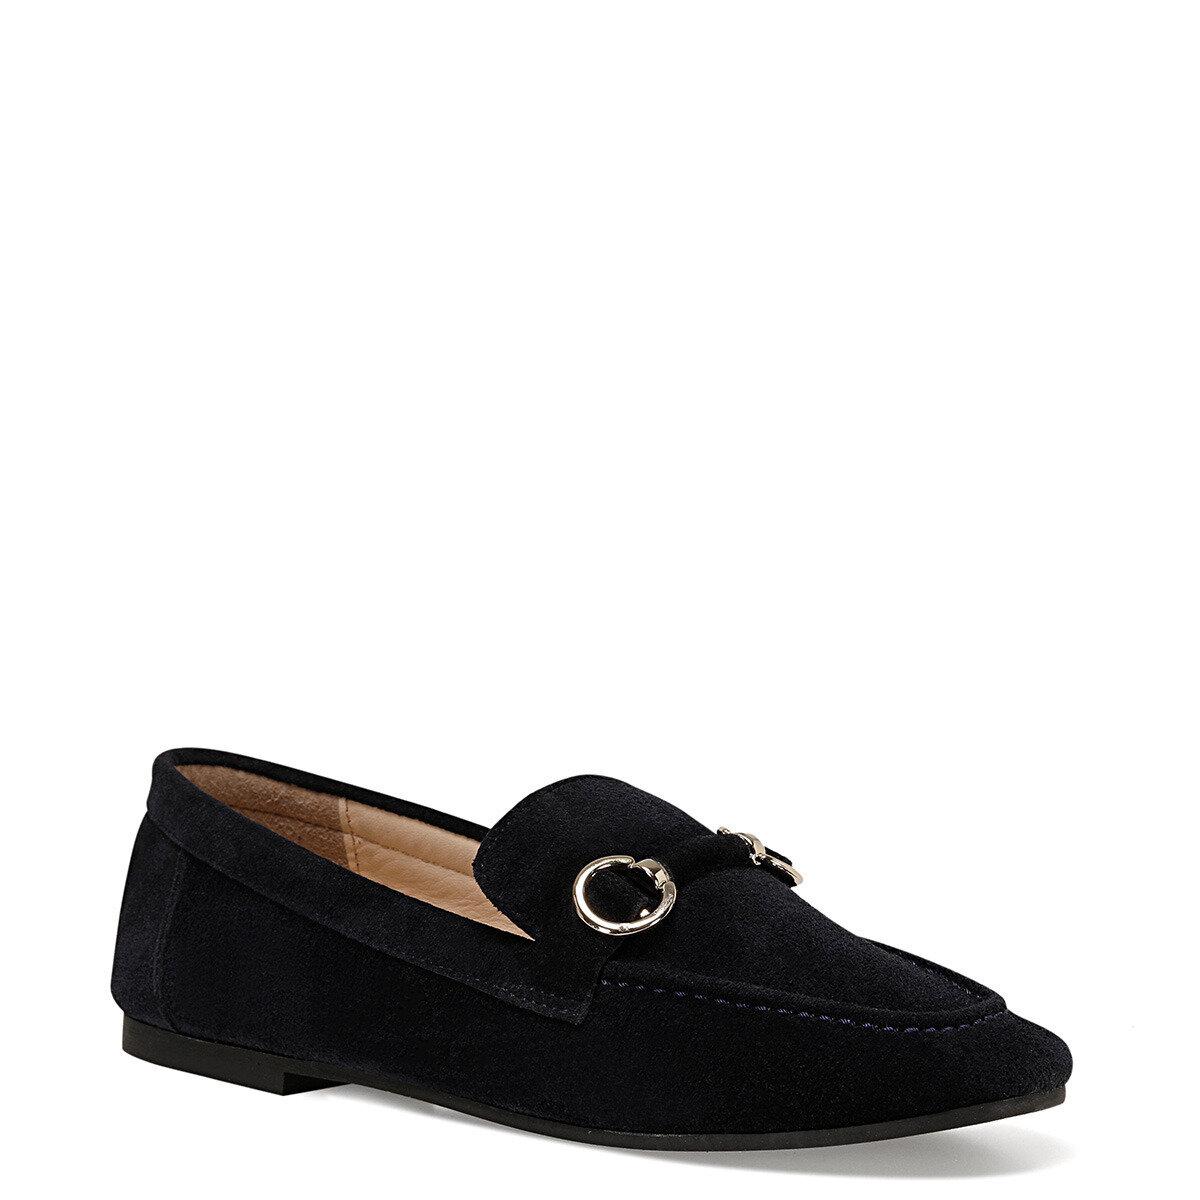 MELLA Lacivert Kadın Loafer Ayakkabı